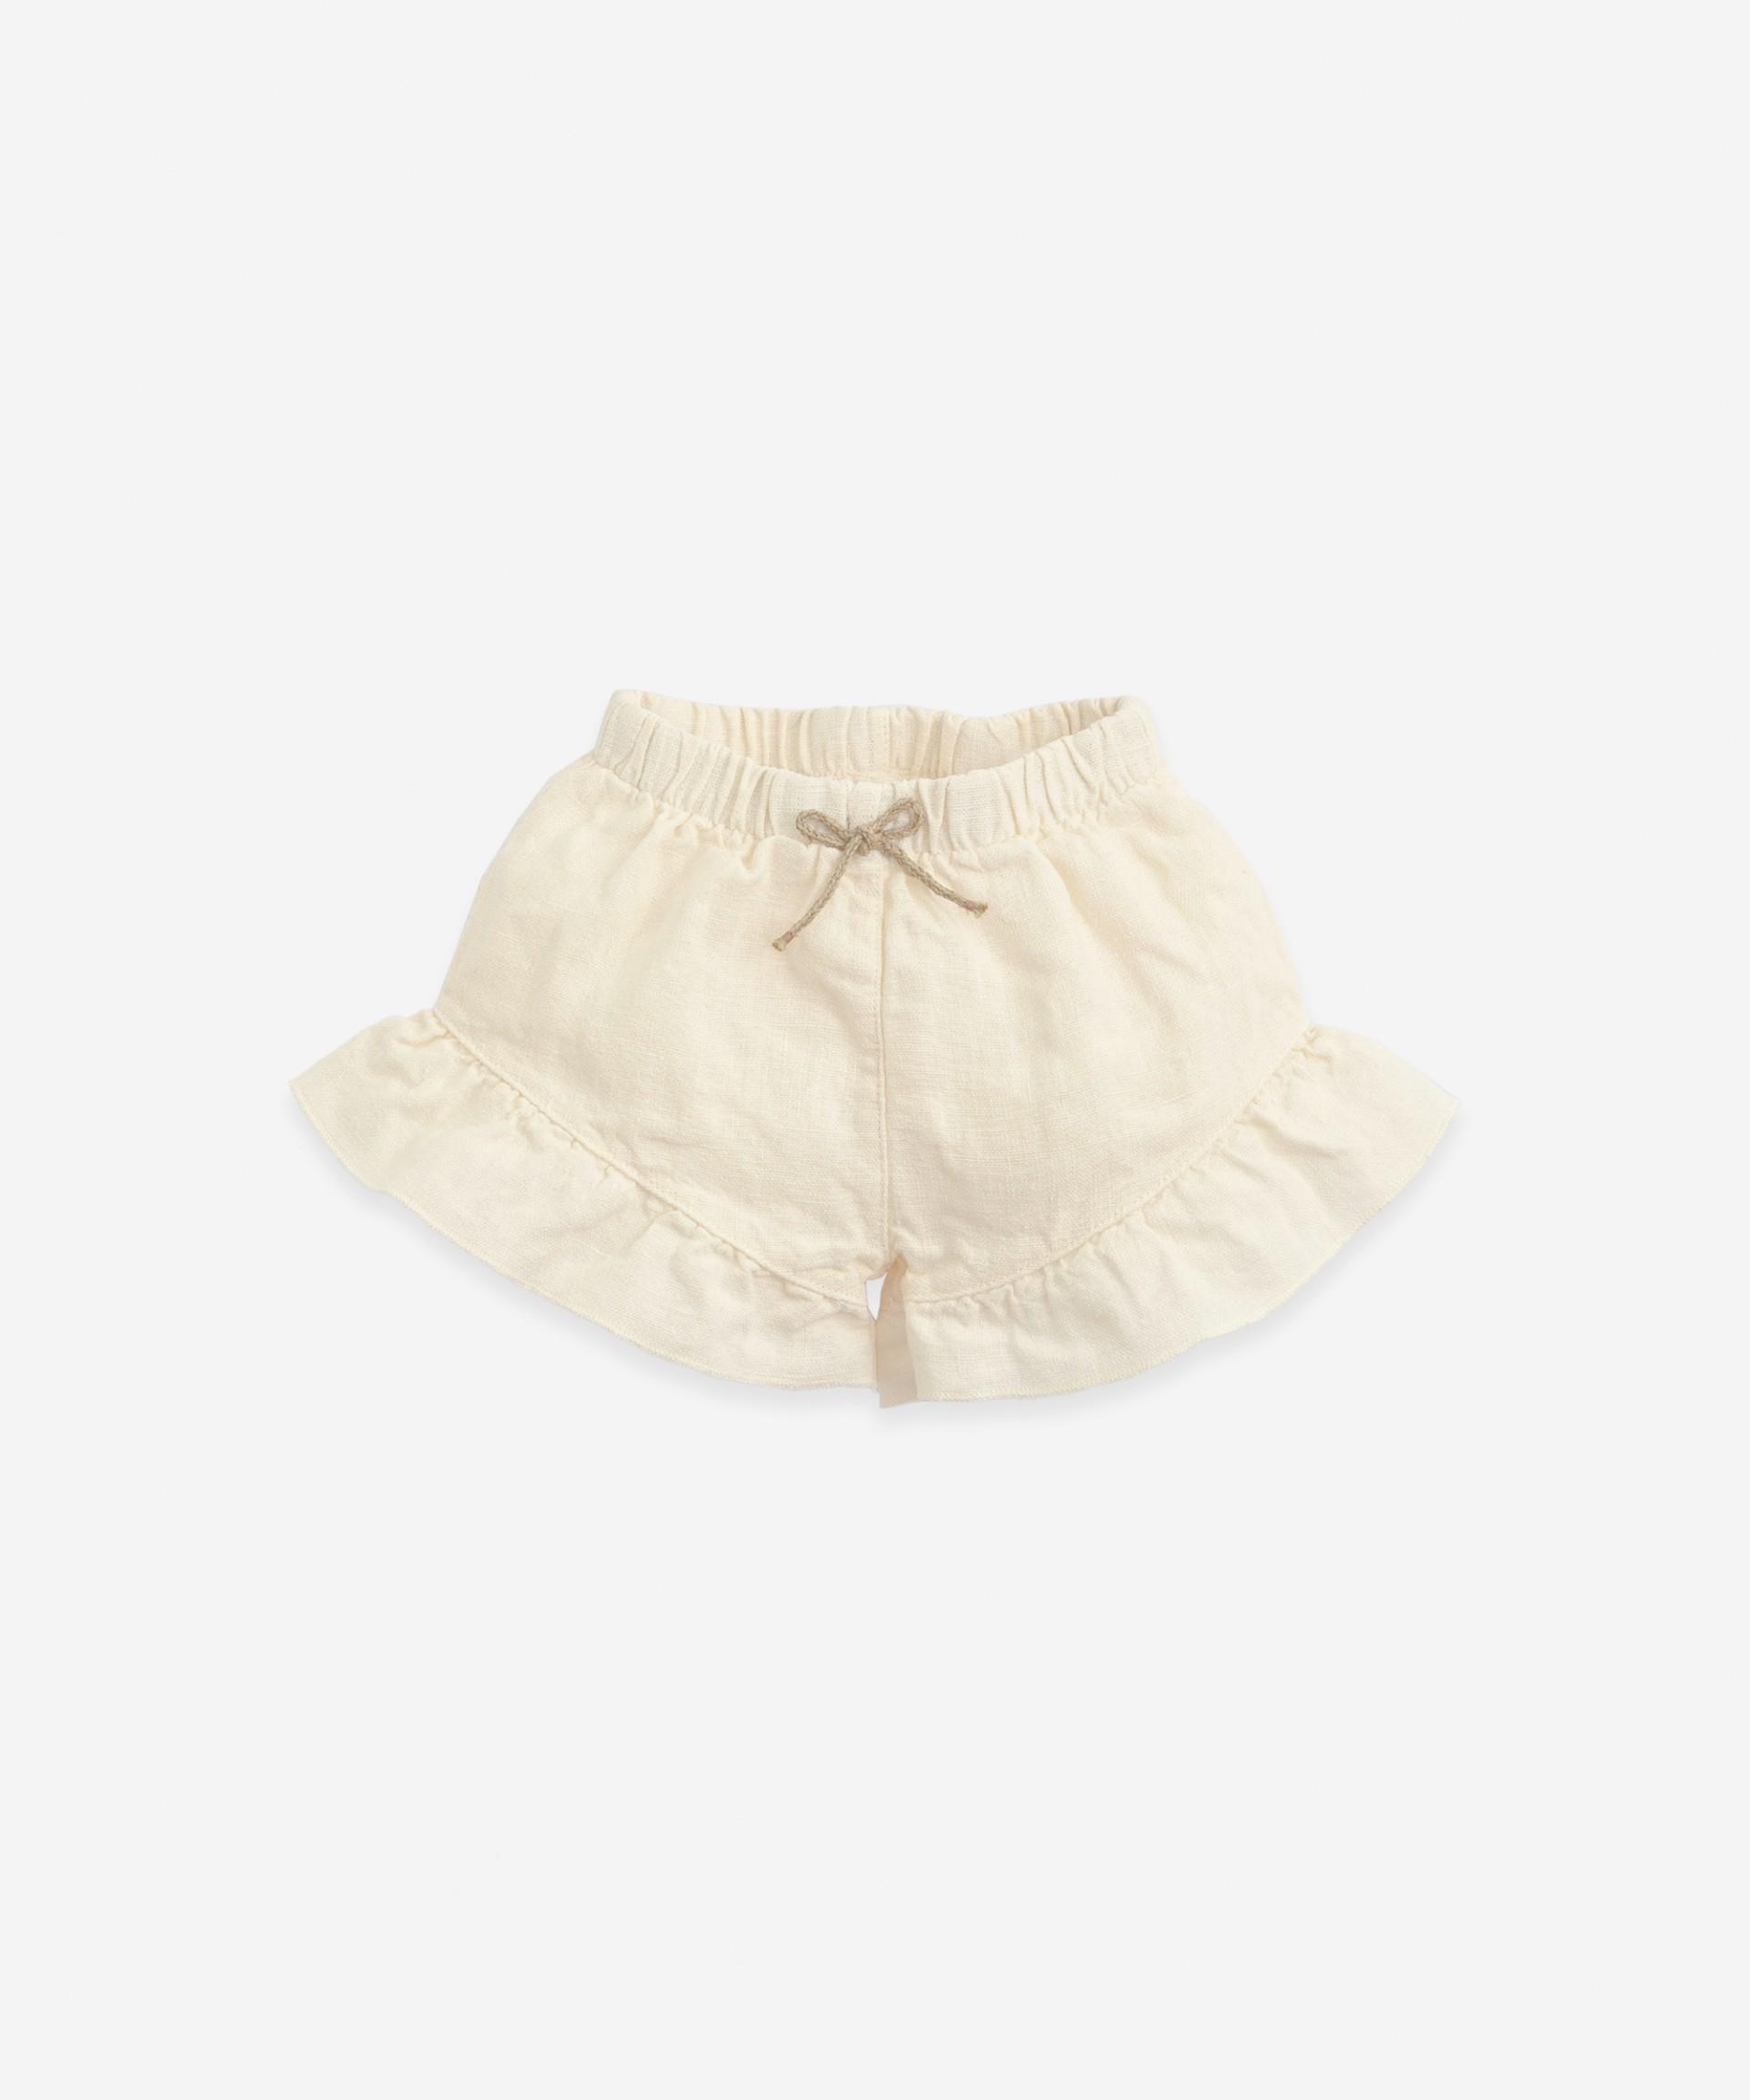 Pantalón corto de lino con volantes | Botany